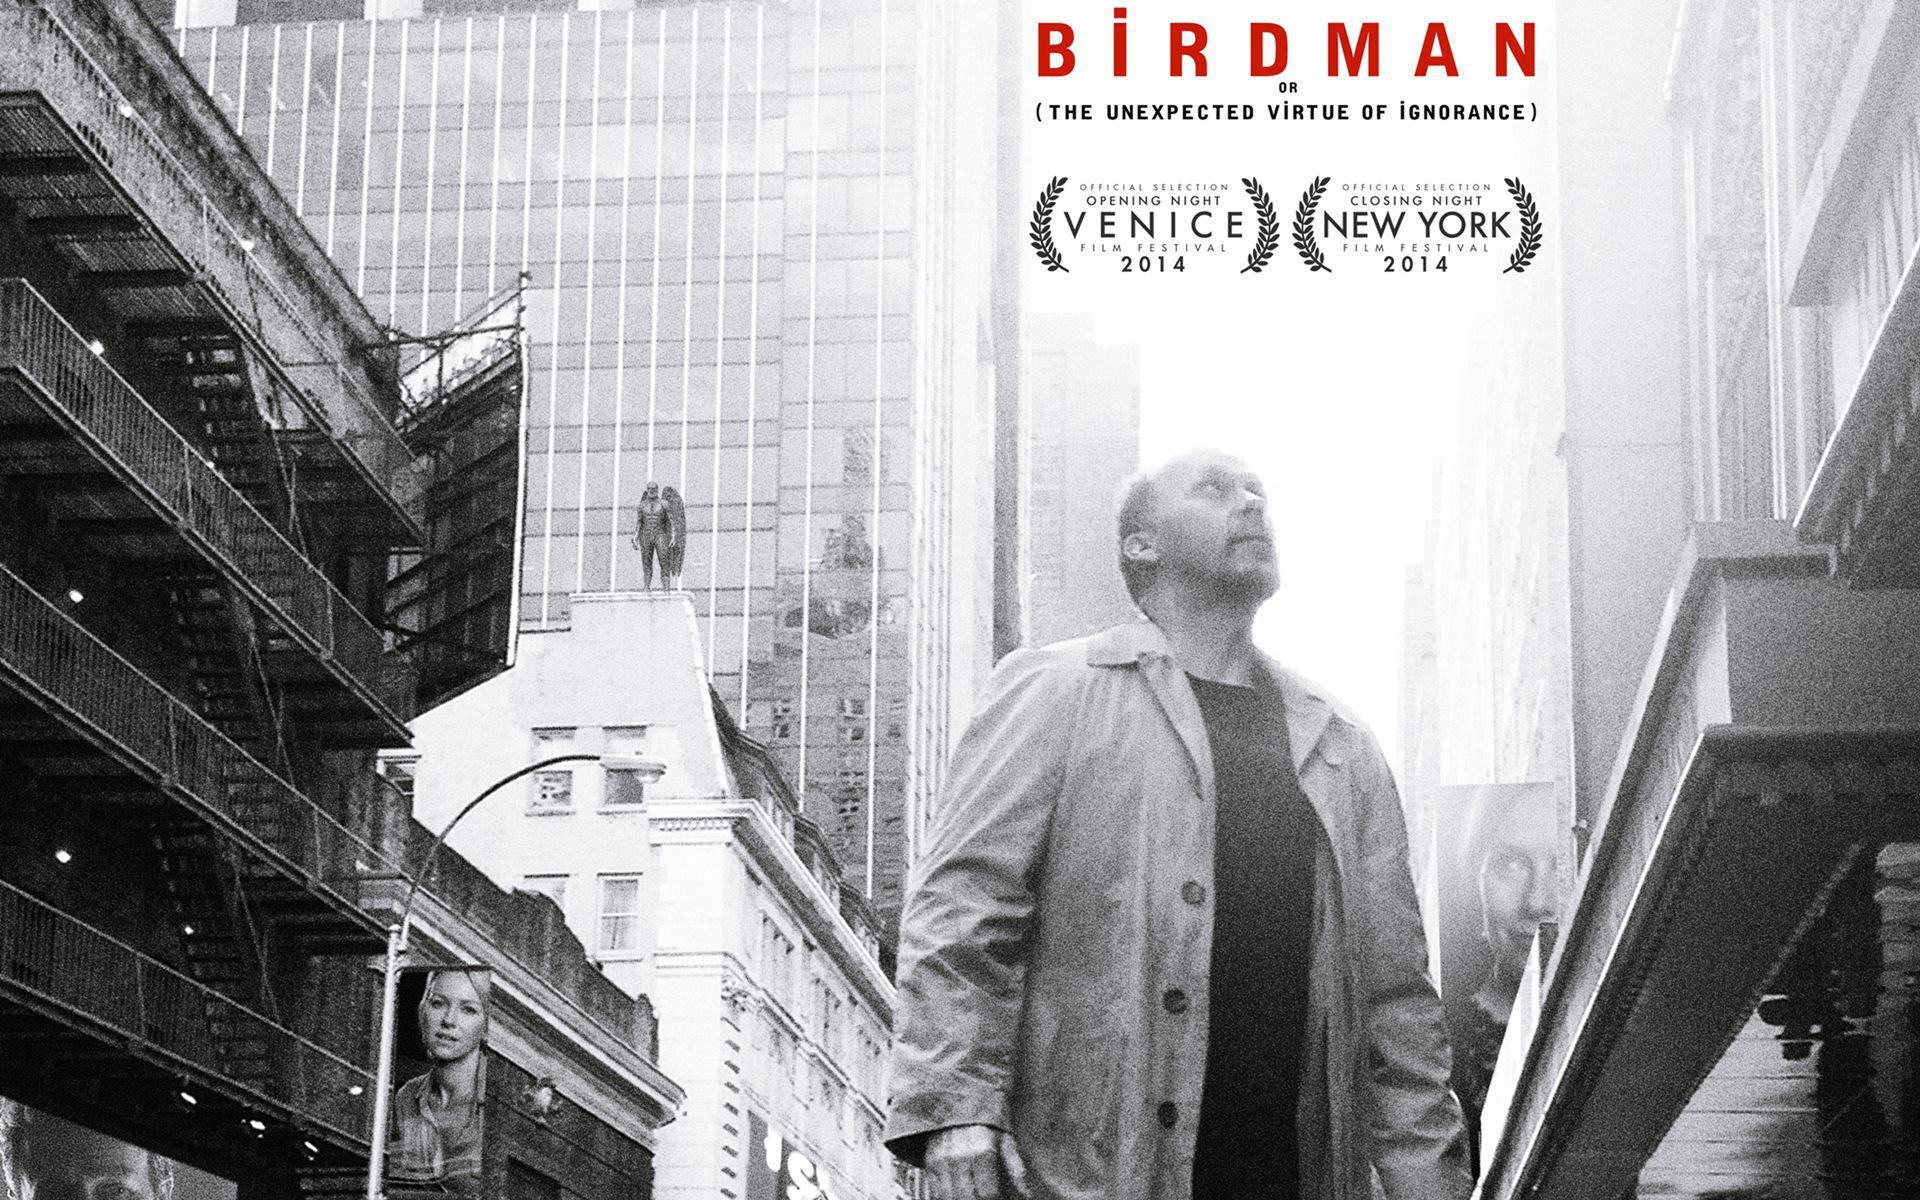 Birdman 鳥人